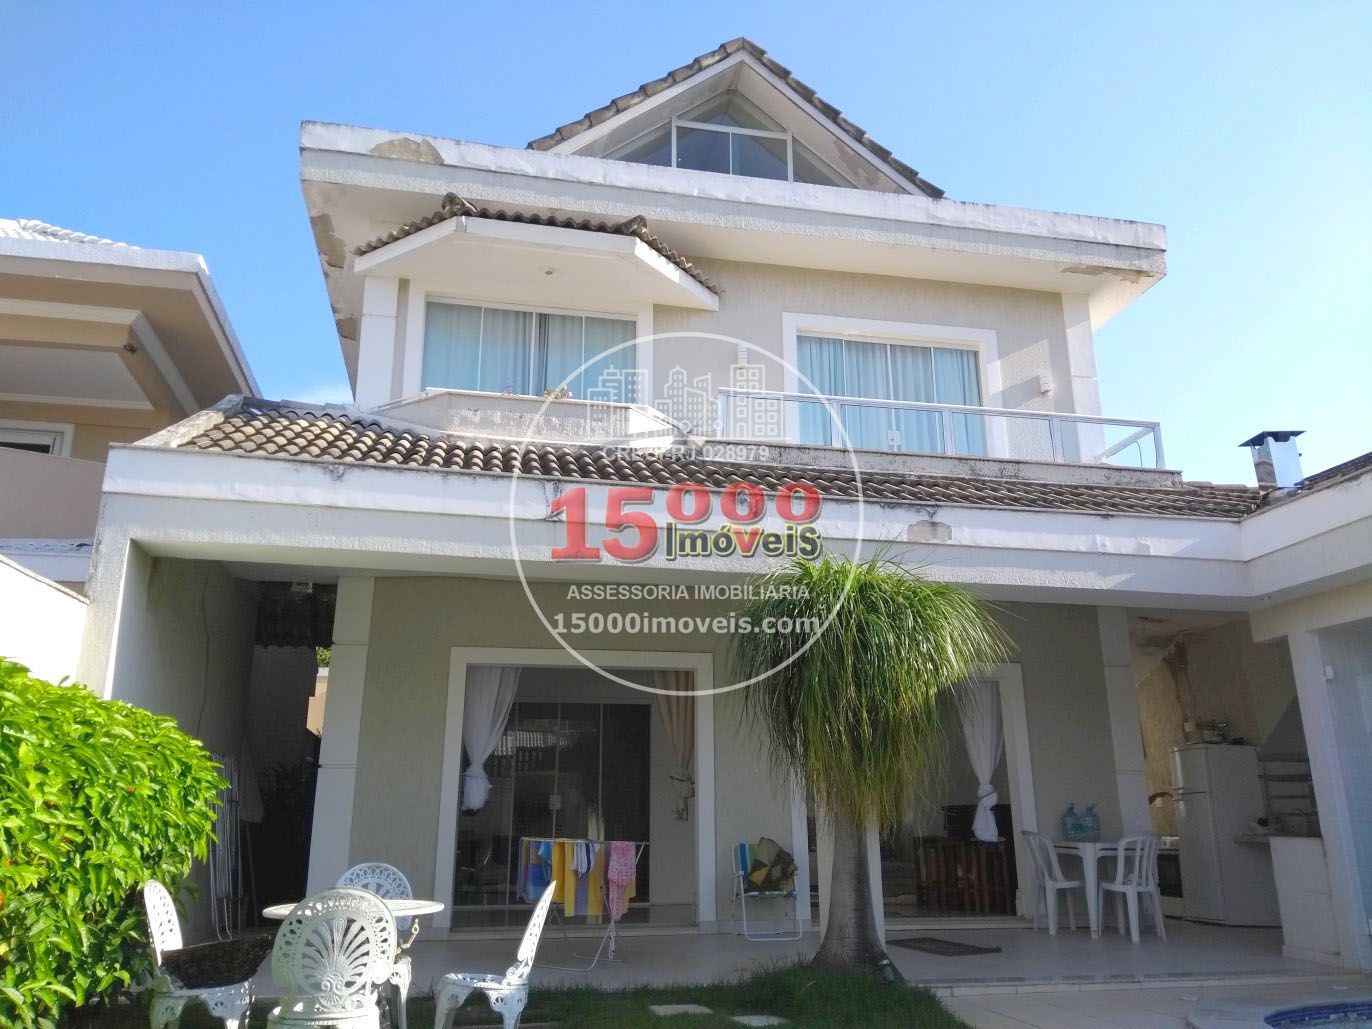 Casa duplex 5 quartos no Cond. Parc Des Palmiers - Recreio dos Bandeirantes (15000-070) - 15000-070 - 1